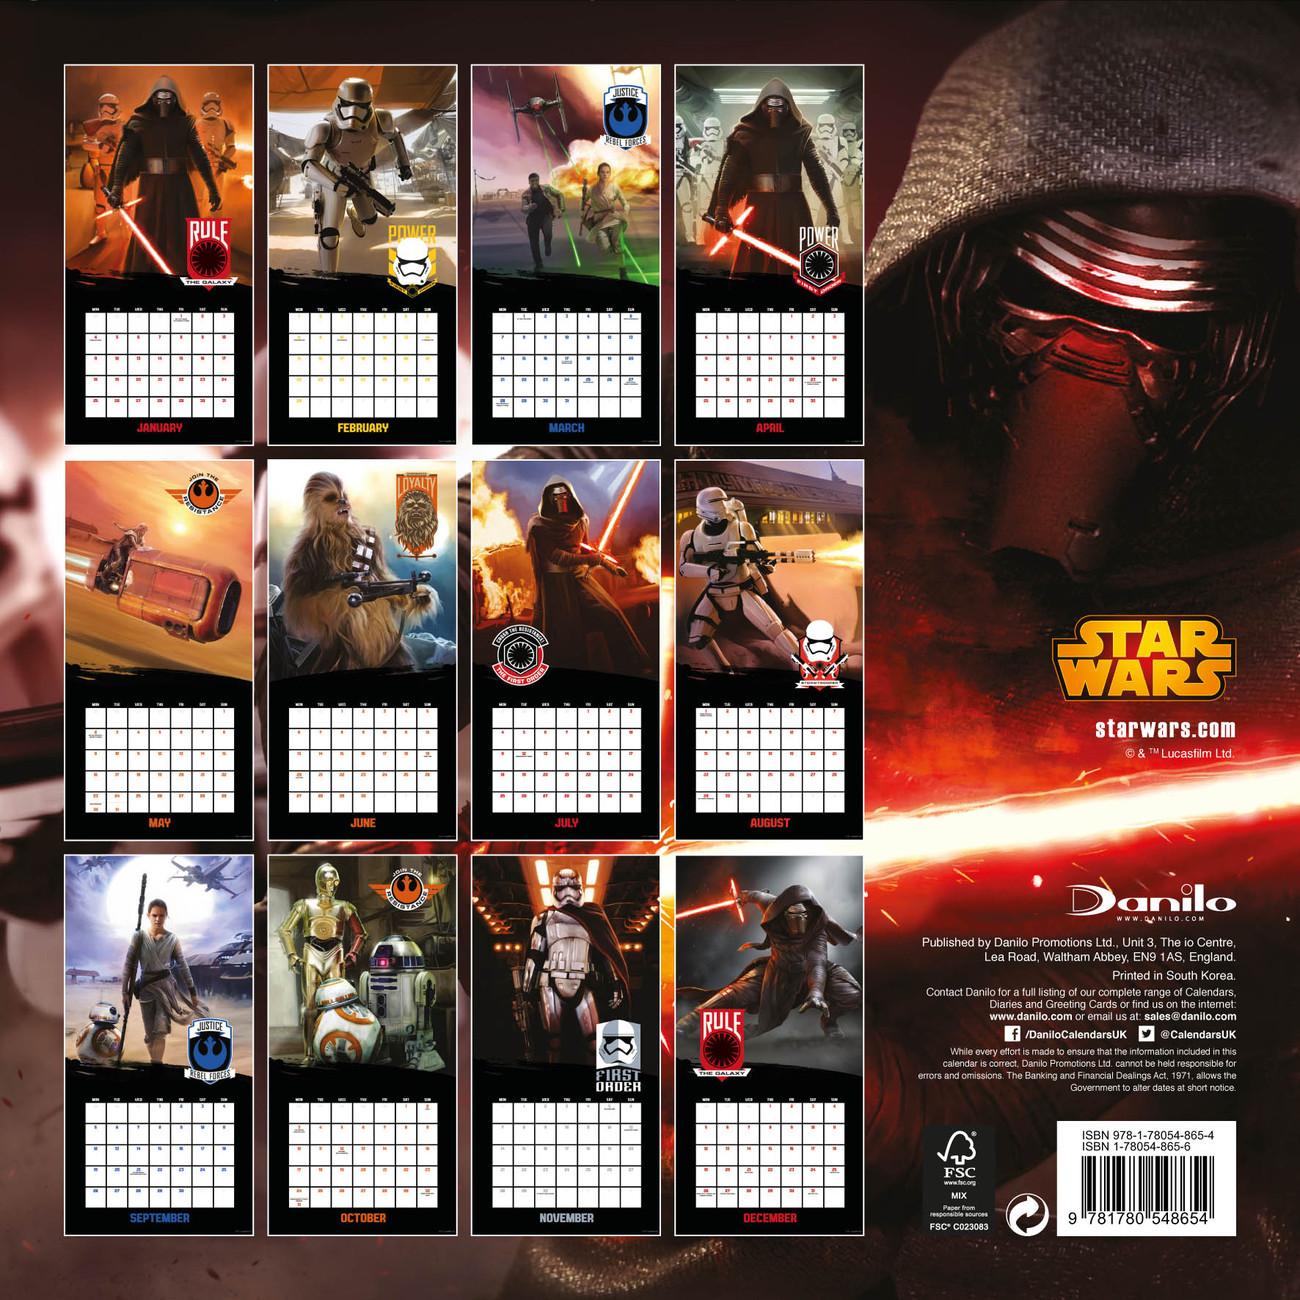 Star Wars, épisode VII : Le Réveil de la Force Calendrier ...